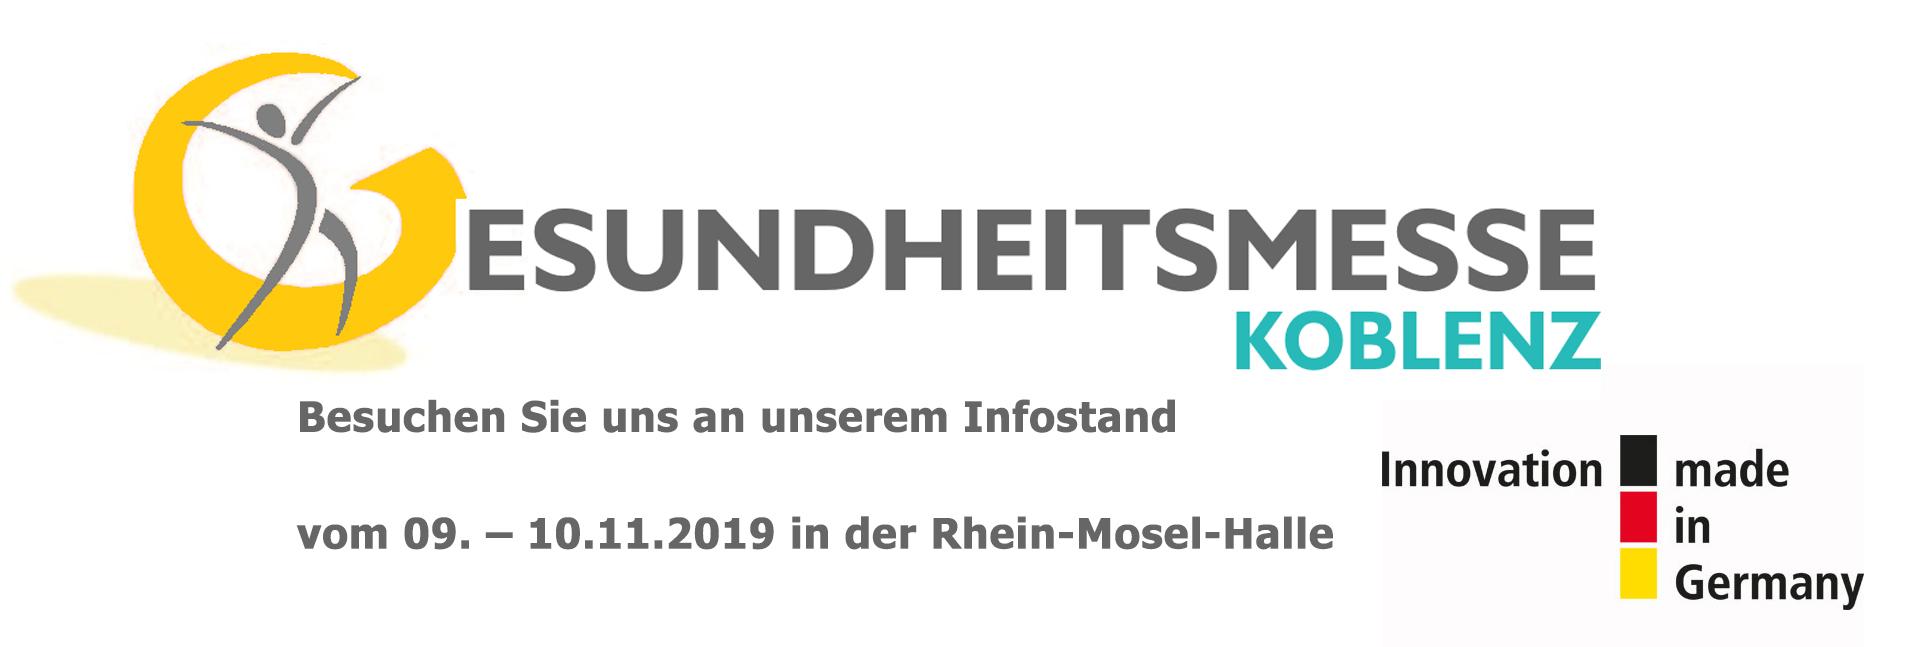 Koblenz-2019-Shaoyun.jpg